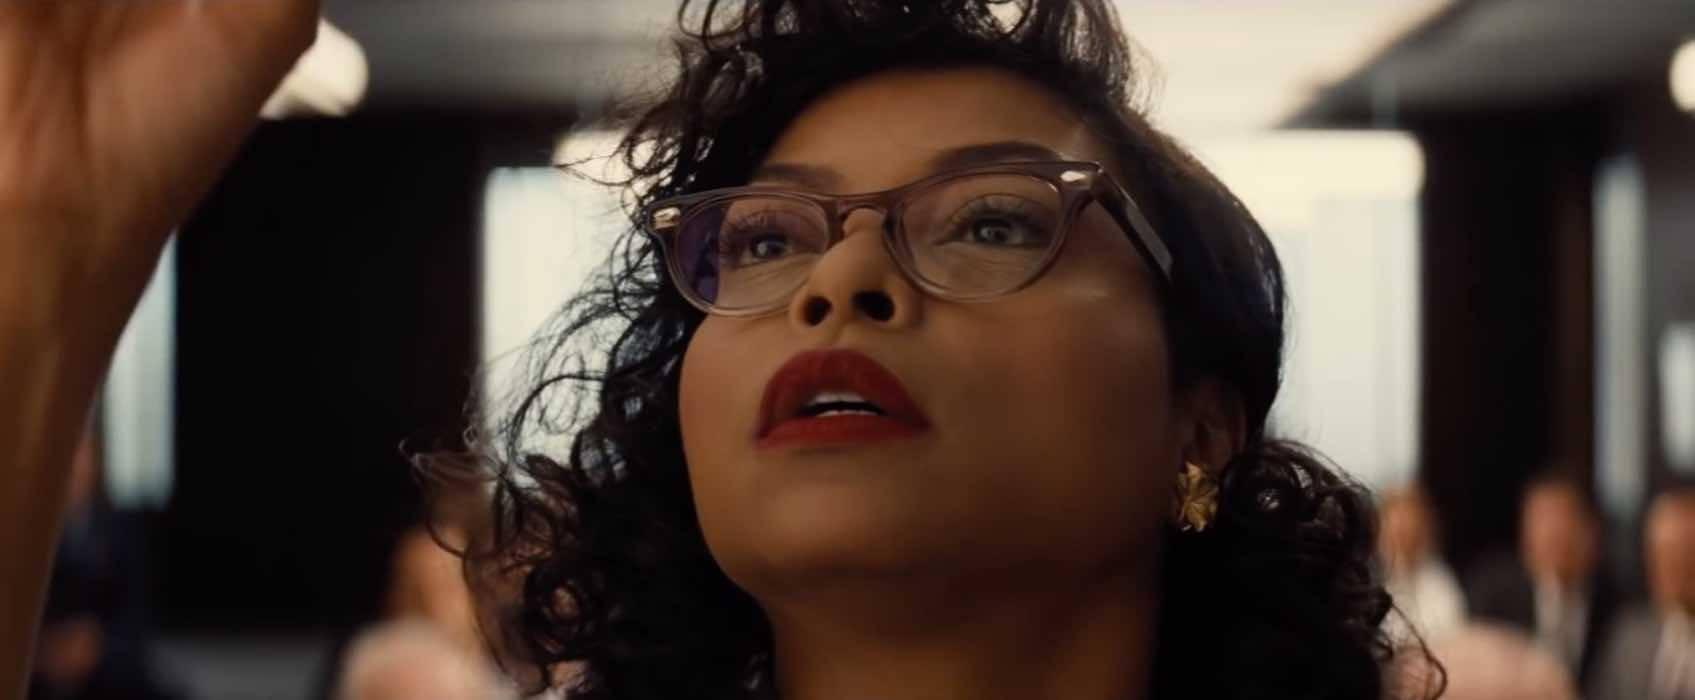 Il diritto di contare, Taraji Penda Henson: chi è, Instagram e film dell'attrice